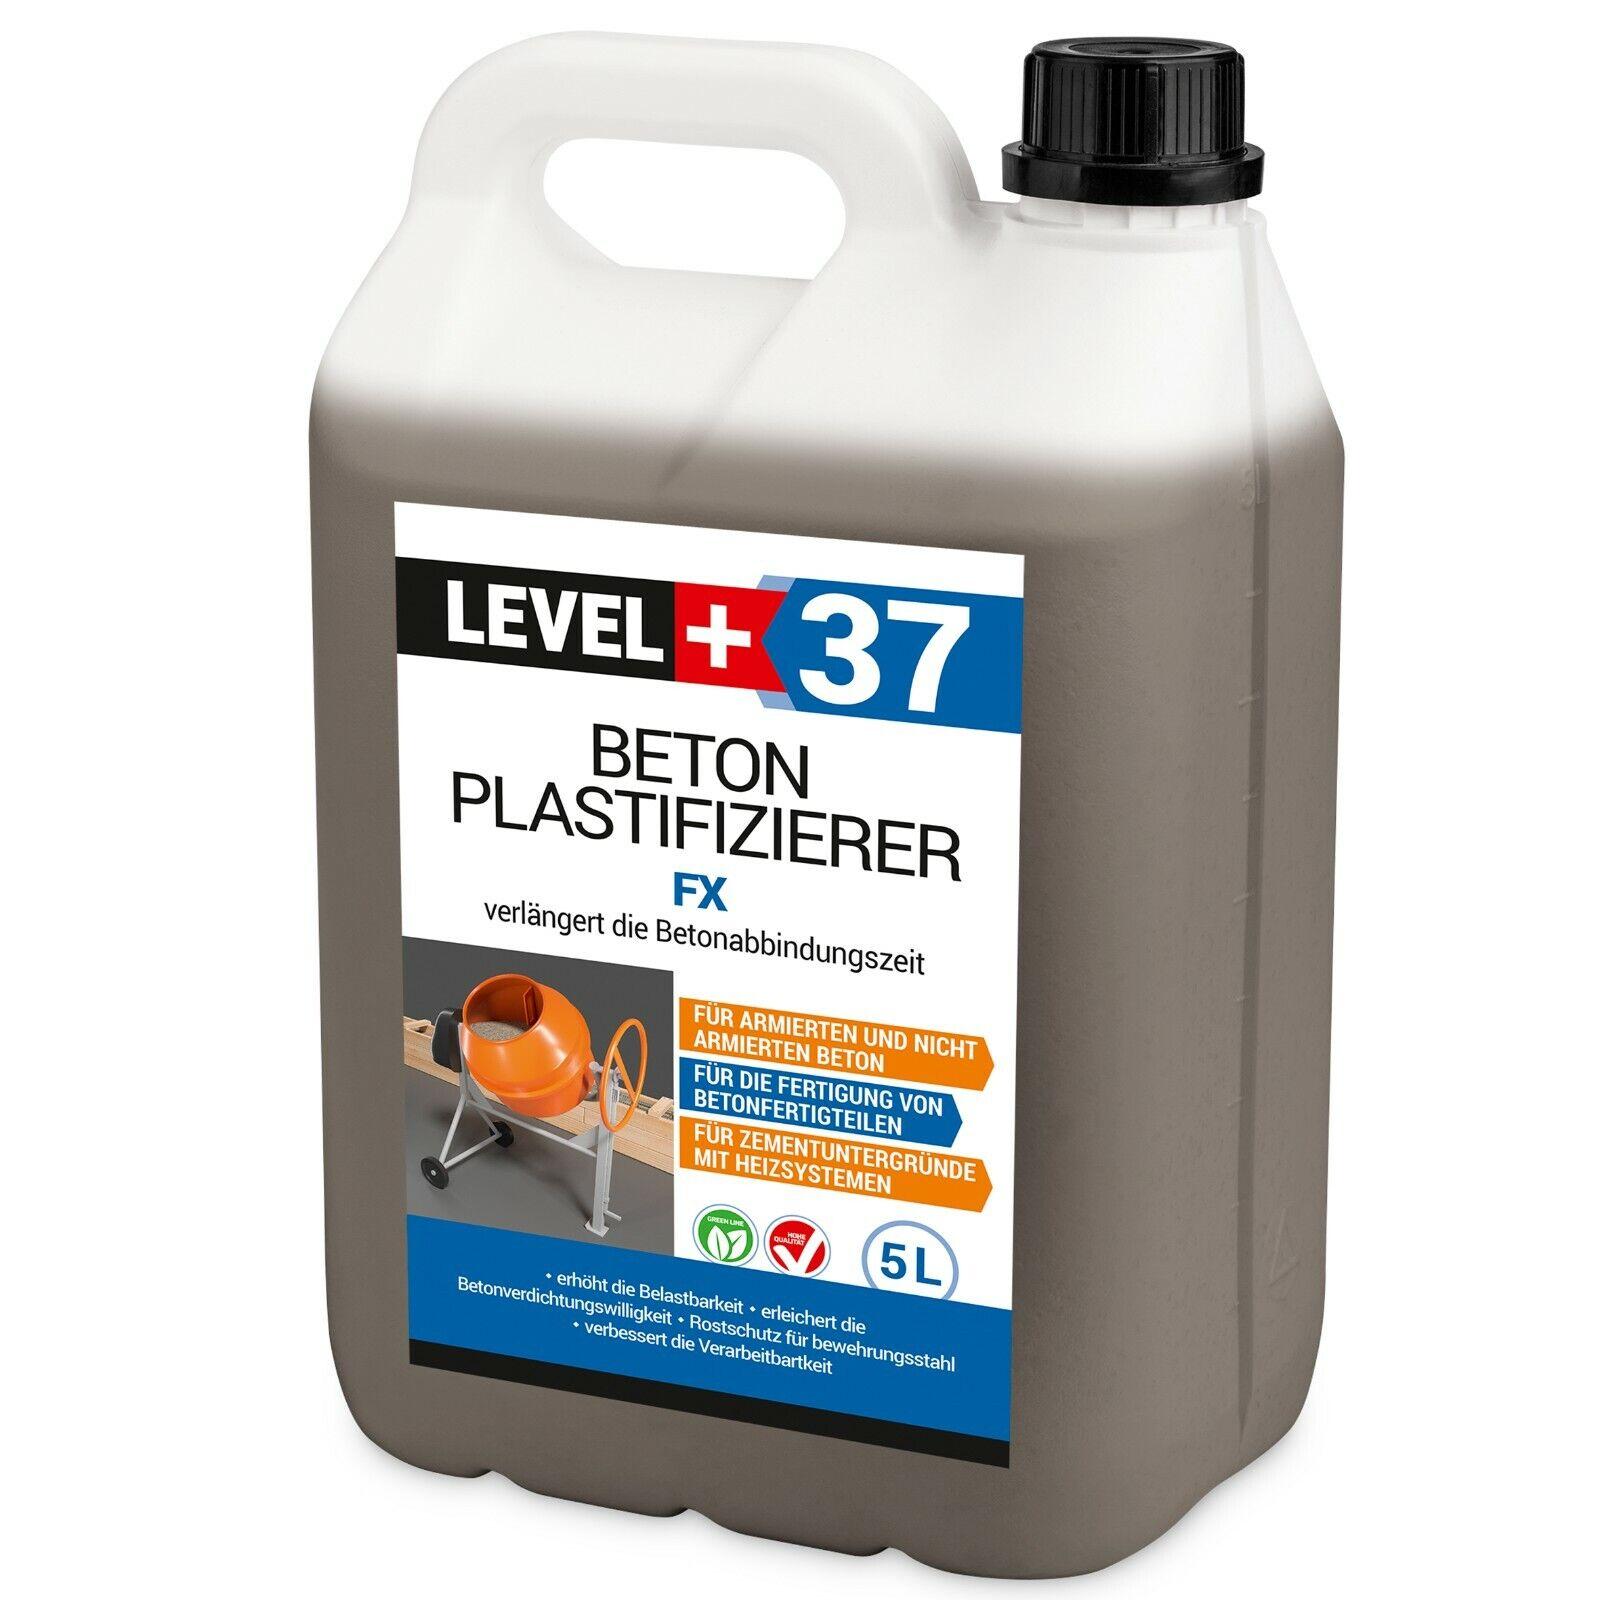 5L Beton-Zusatzmittel Plastifizierer Betonverflüssiger Estrich Verzögerer RM37